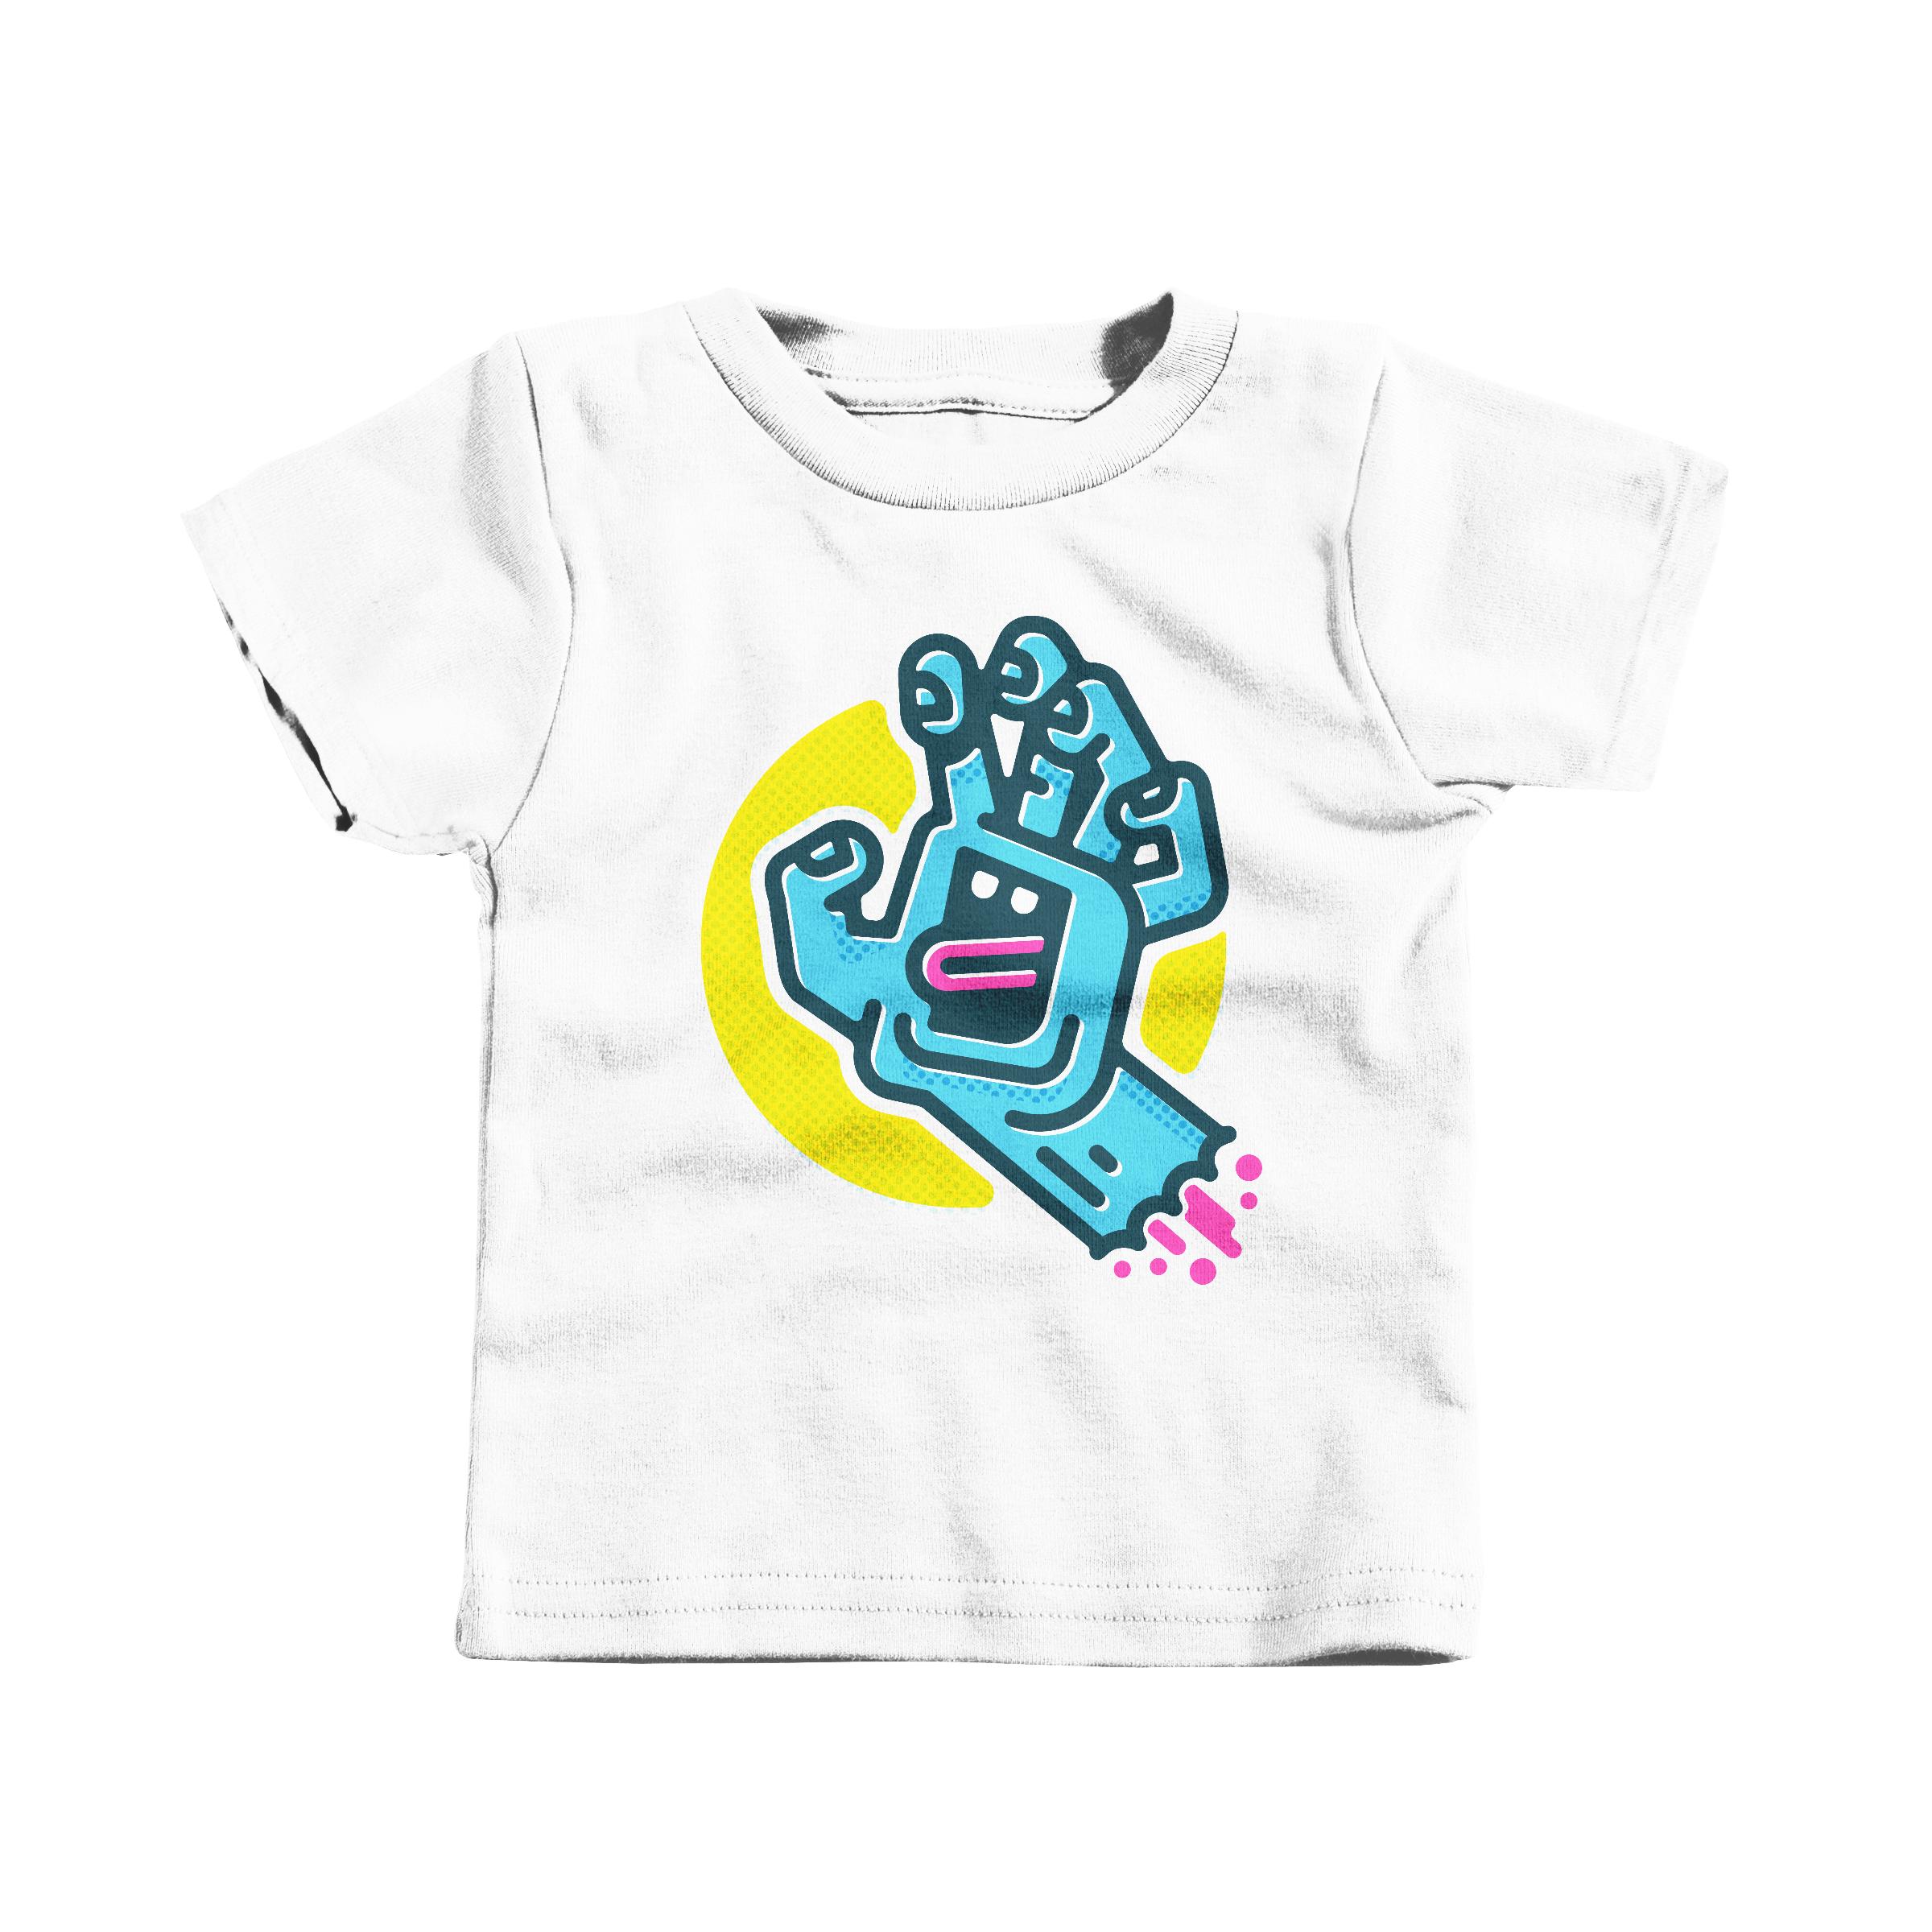 Screaming Hand White (T-Shirt)